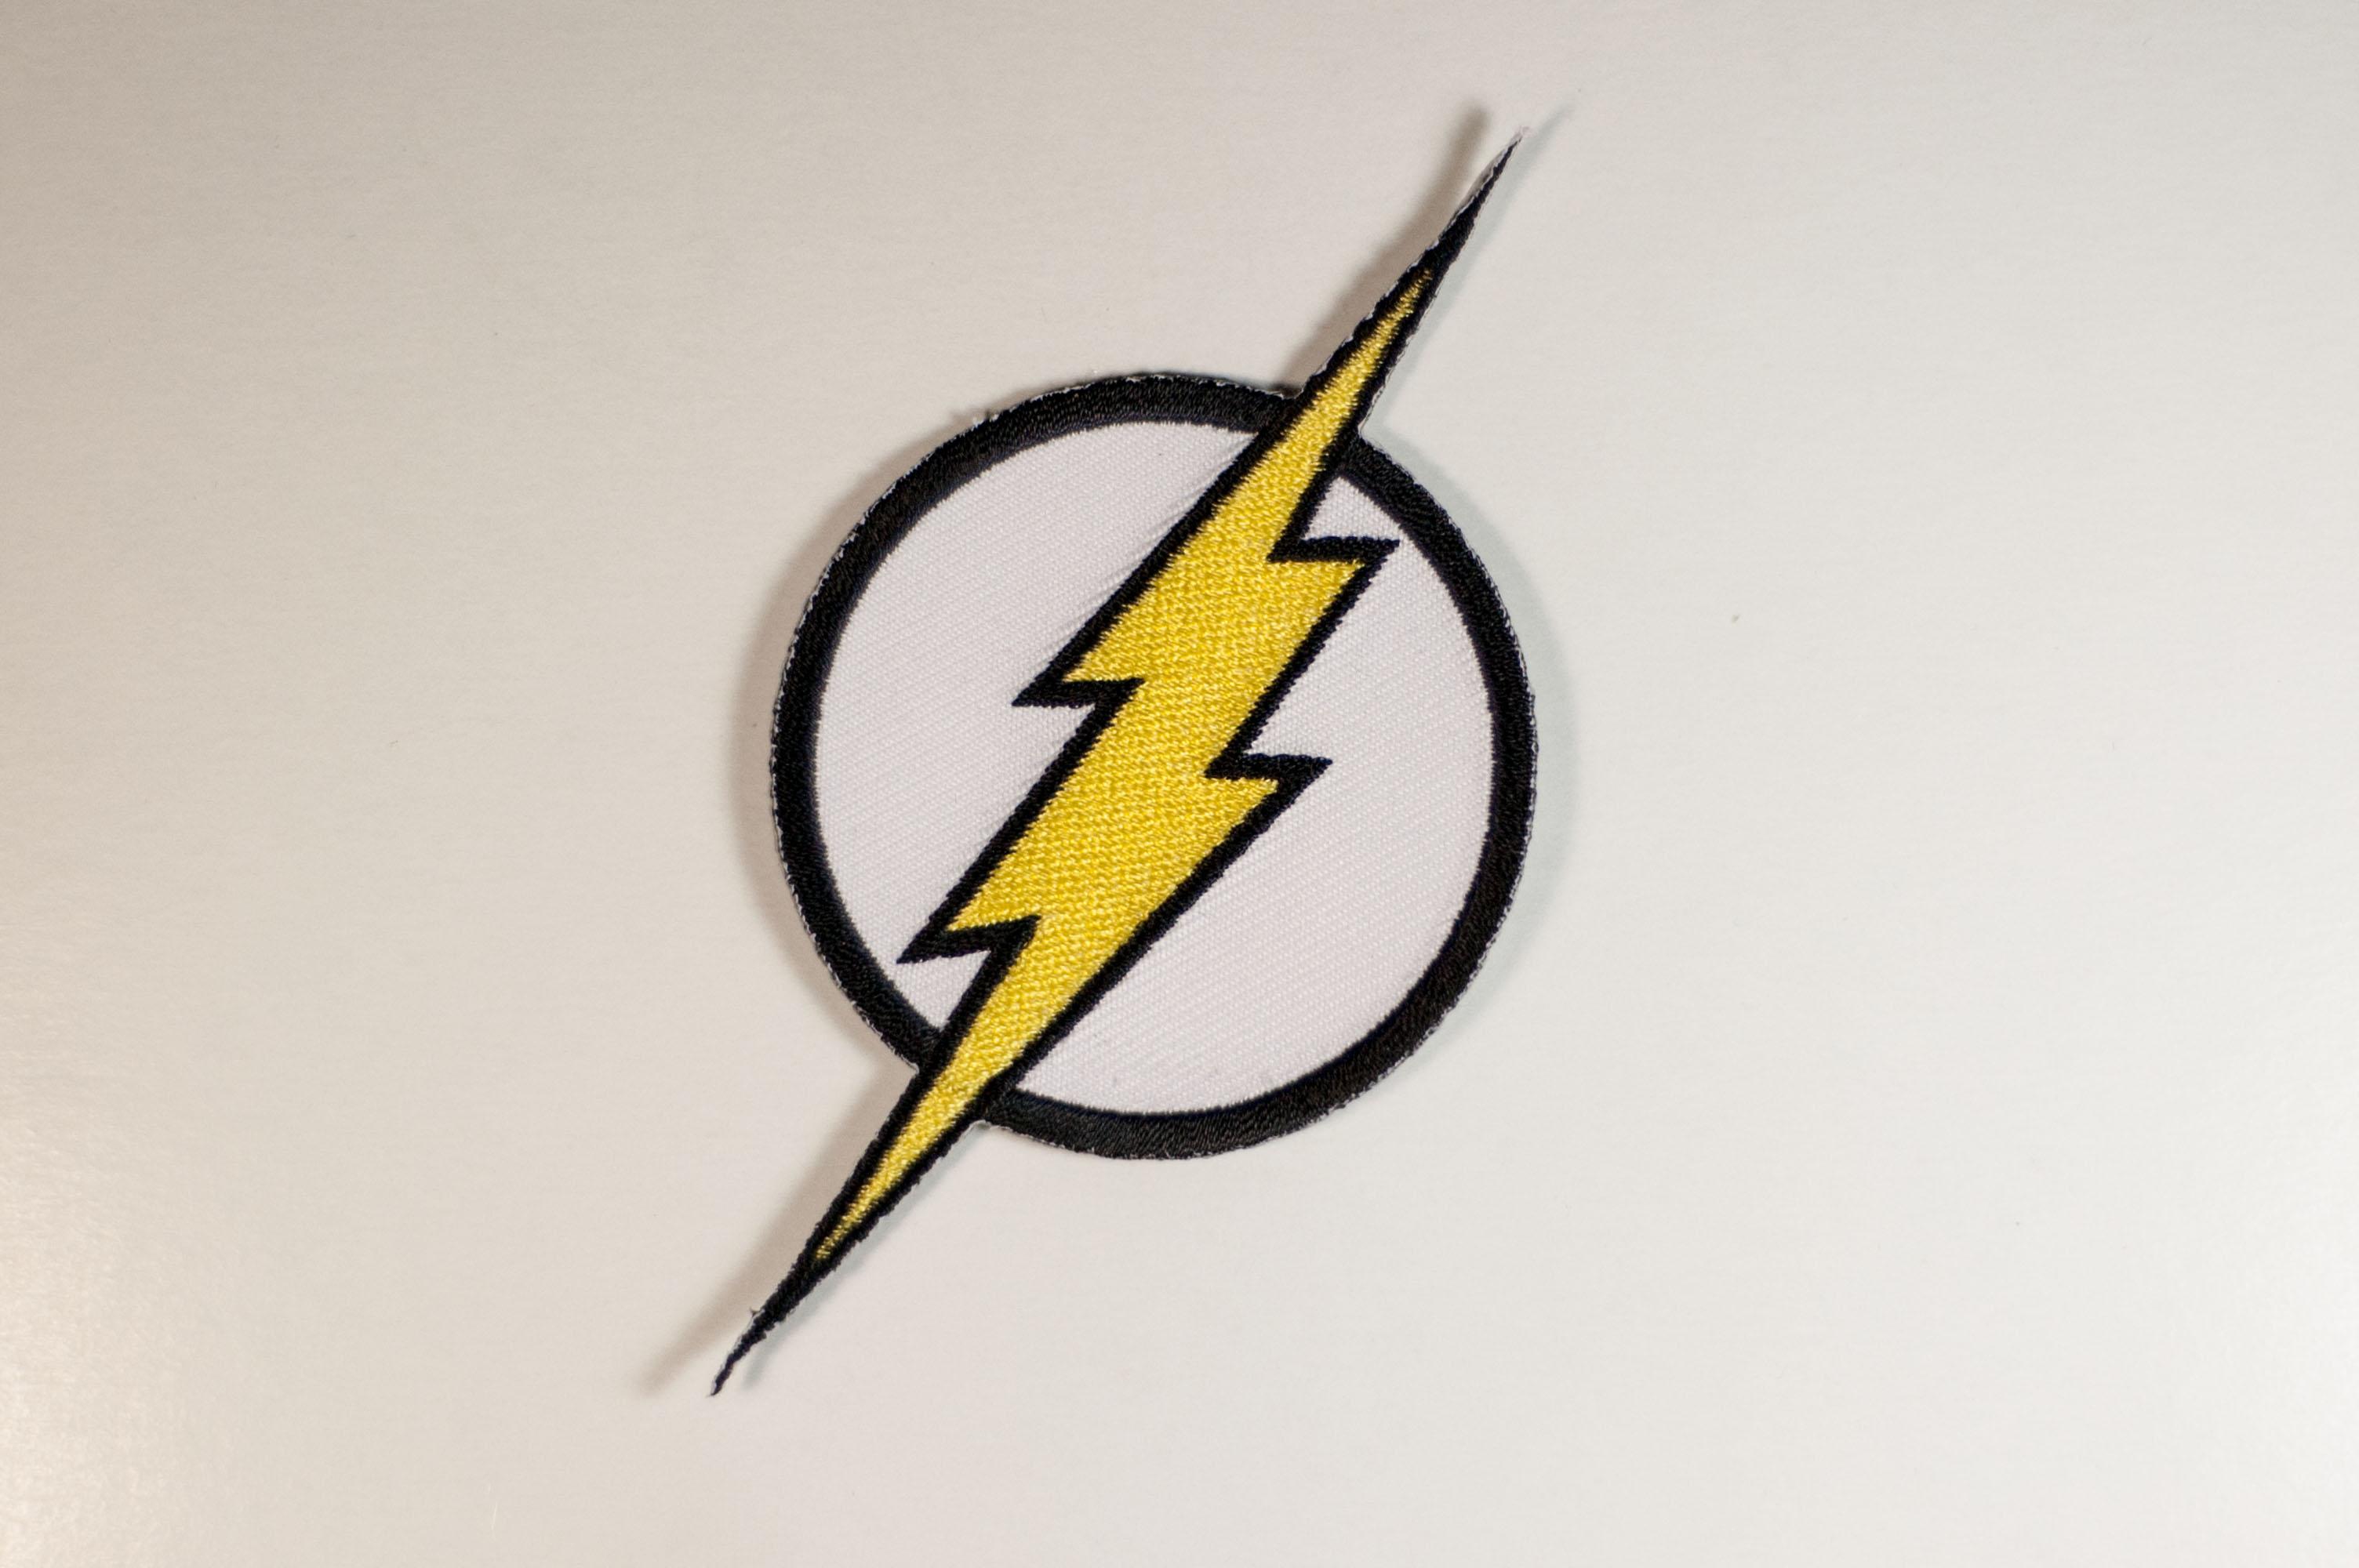 3008x2000 Flash Logo Getting Stitched